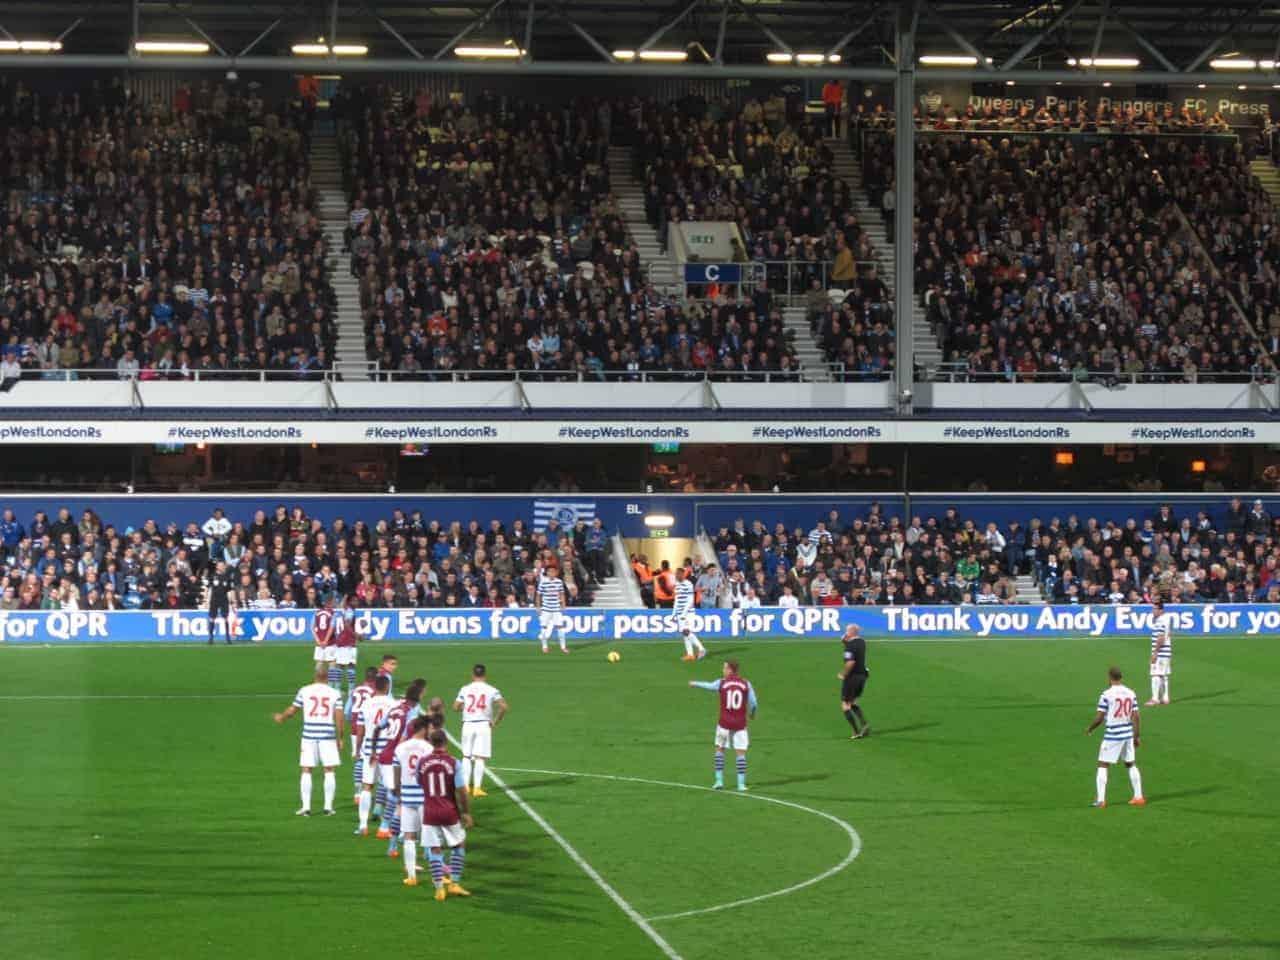 English soccer teams on field MLS vs Premier League